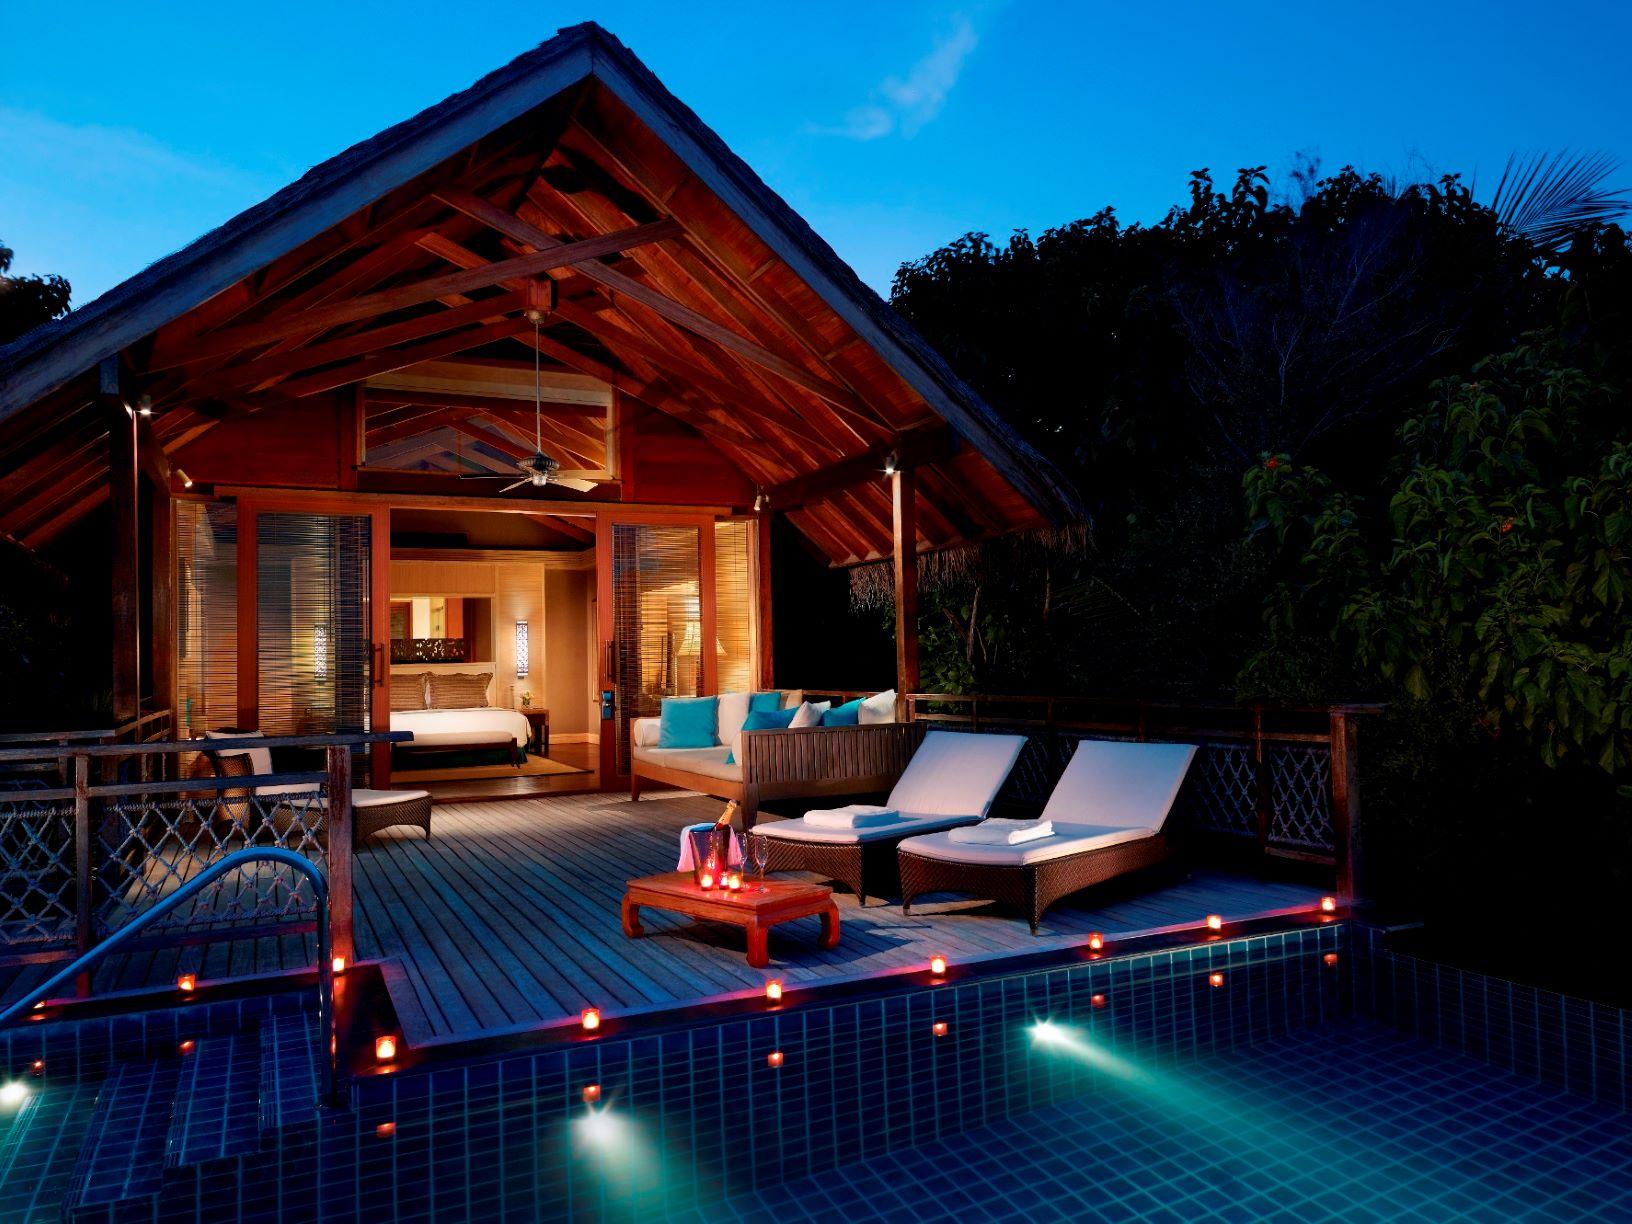 Pool Villa at dusk